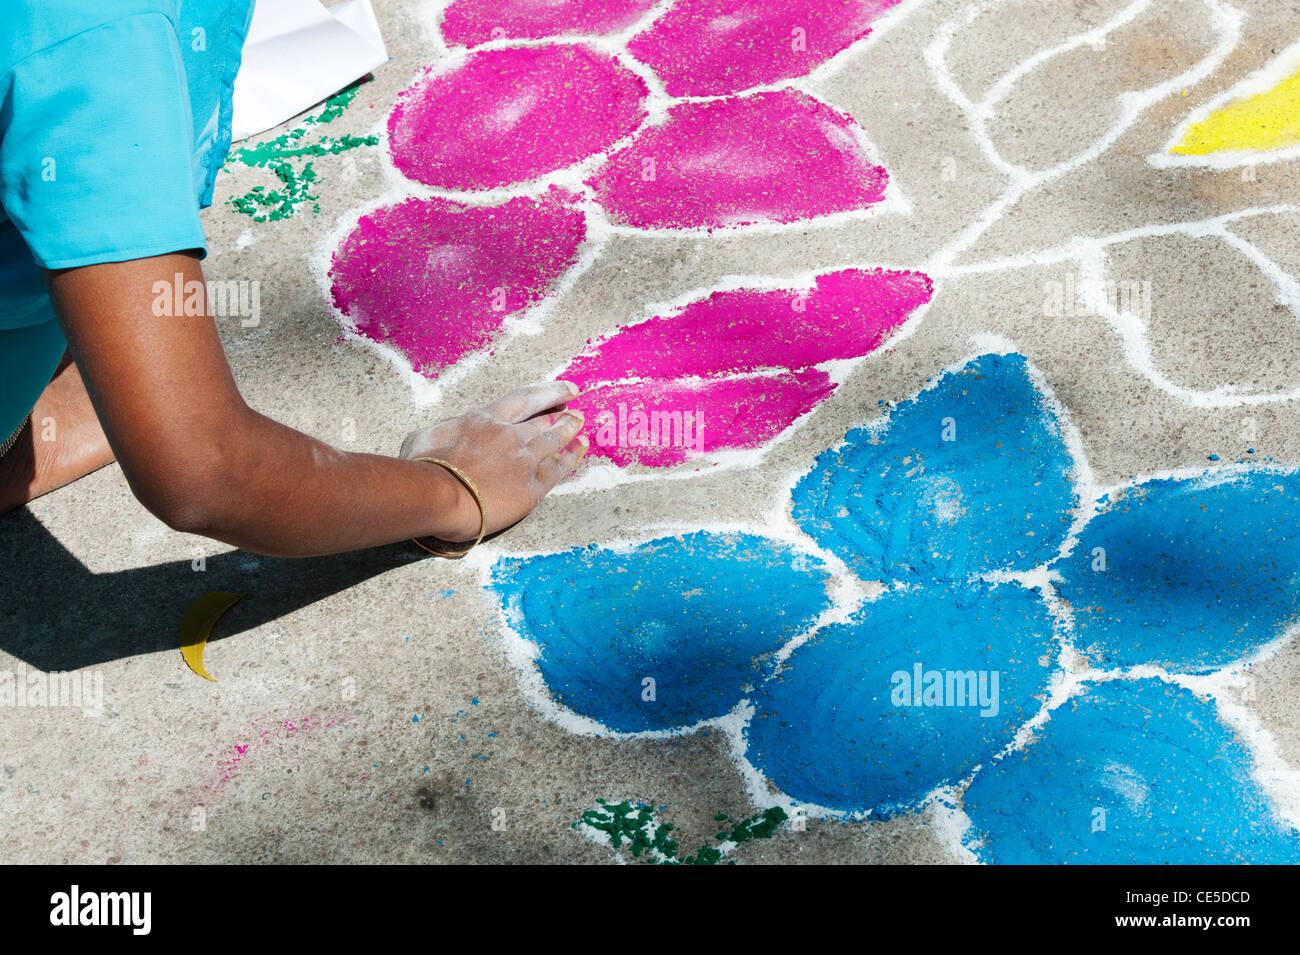 India donna fare un festival Rangoli di polvere colorata design in un Indiano street. Puttaparthi, Andhra Pradesh, Immagini Stock